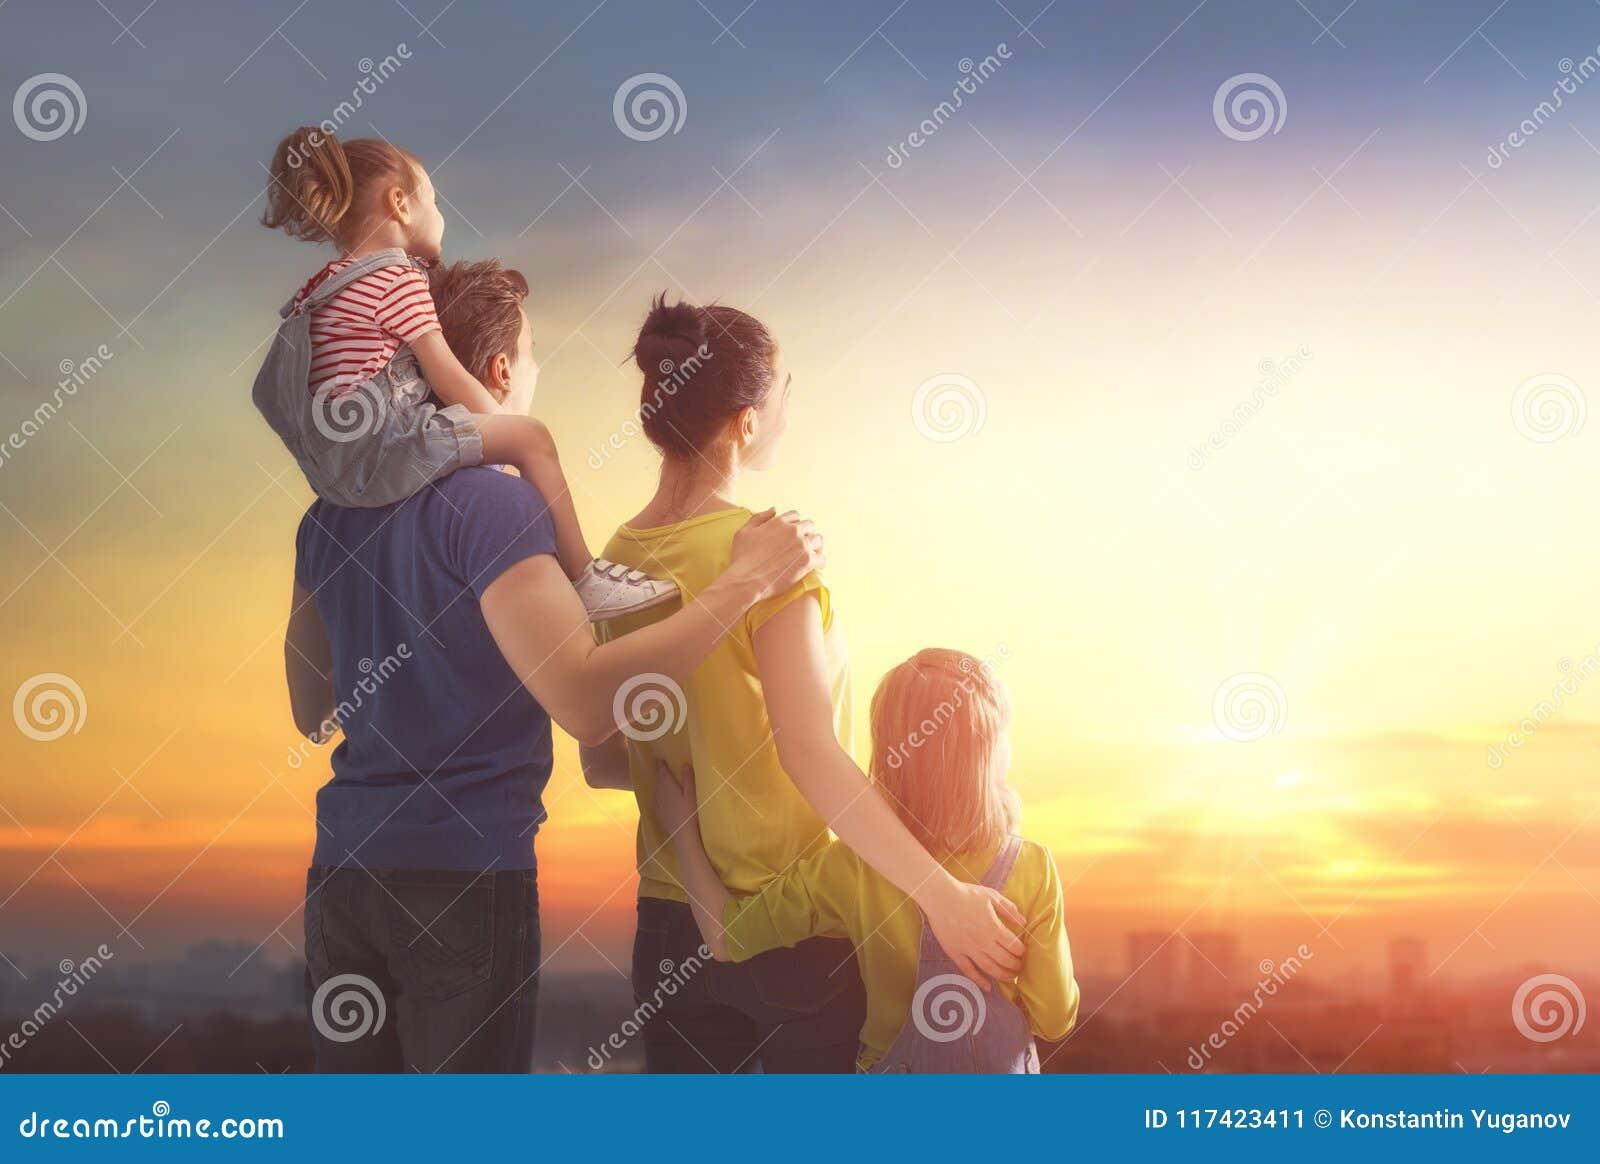 Famille heureux au coucher du soleil